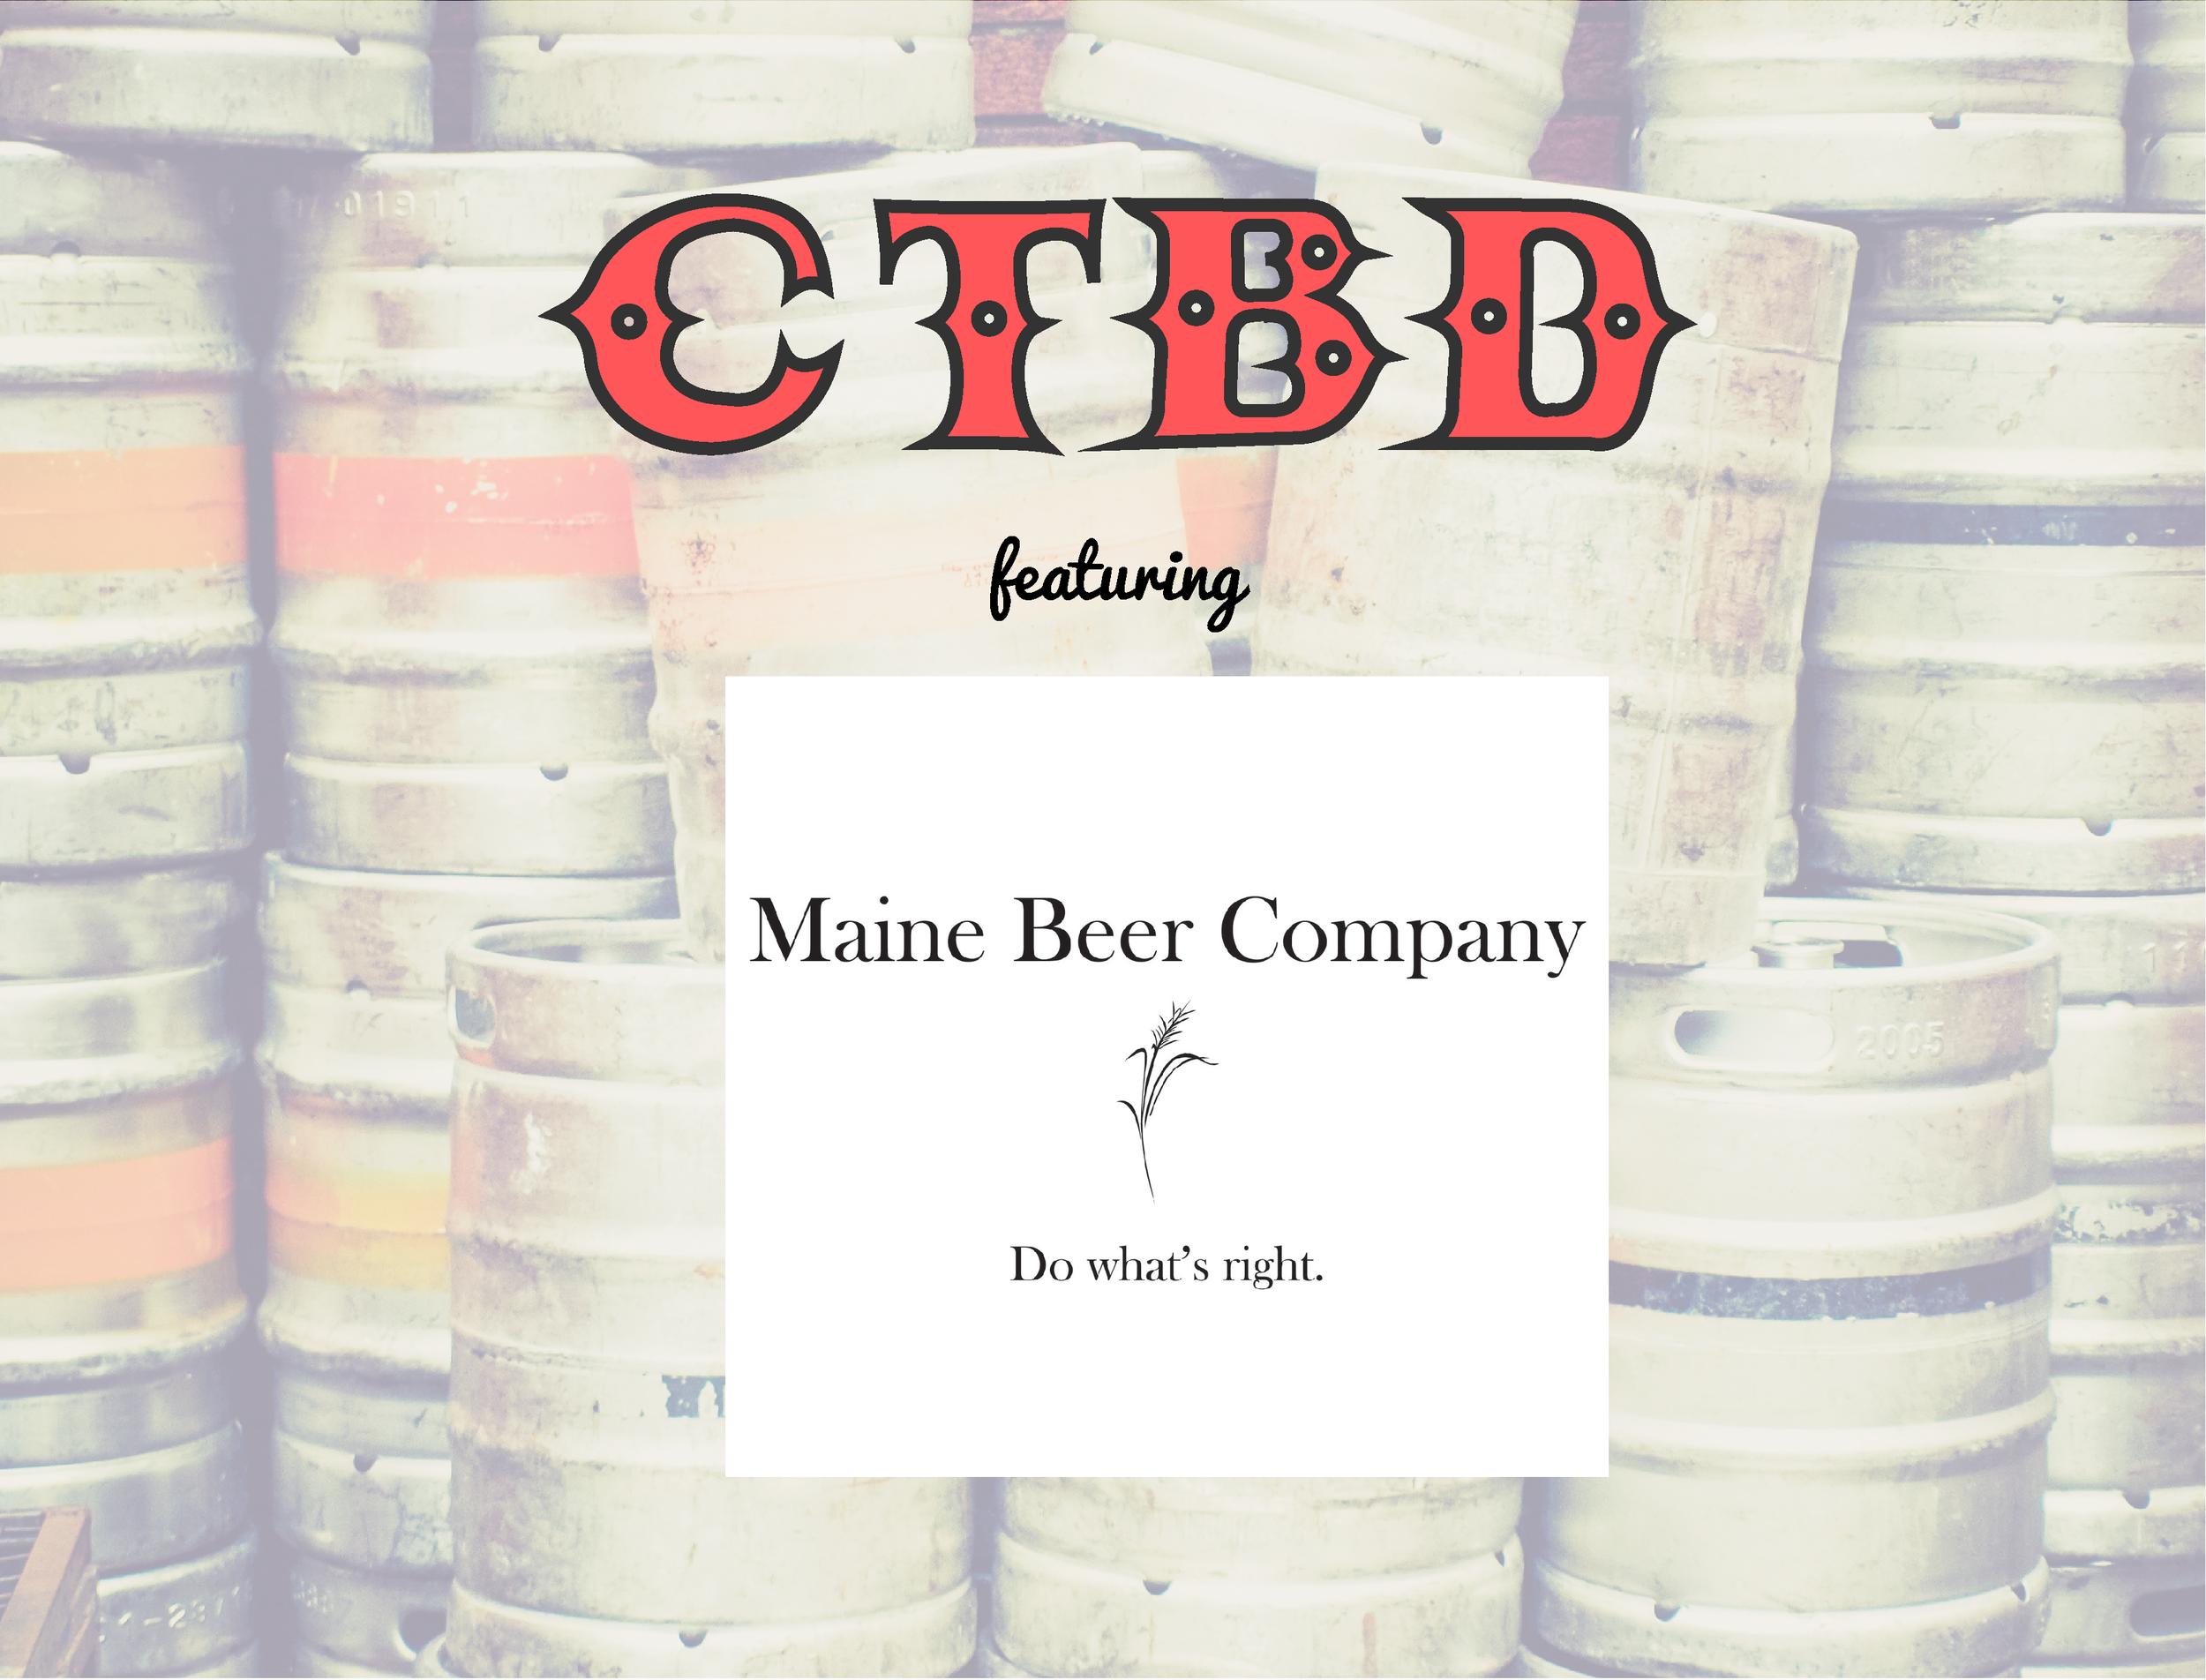 beer-dinner-east-boston-maine-beer-co.png